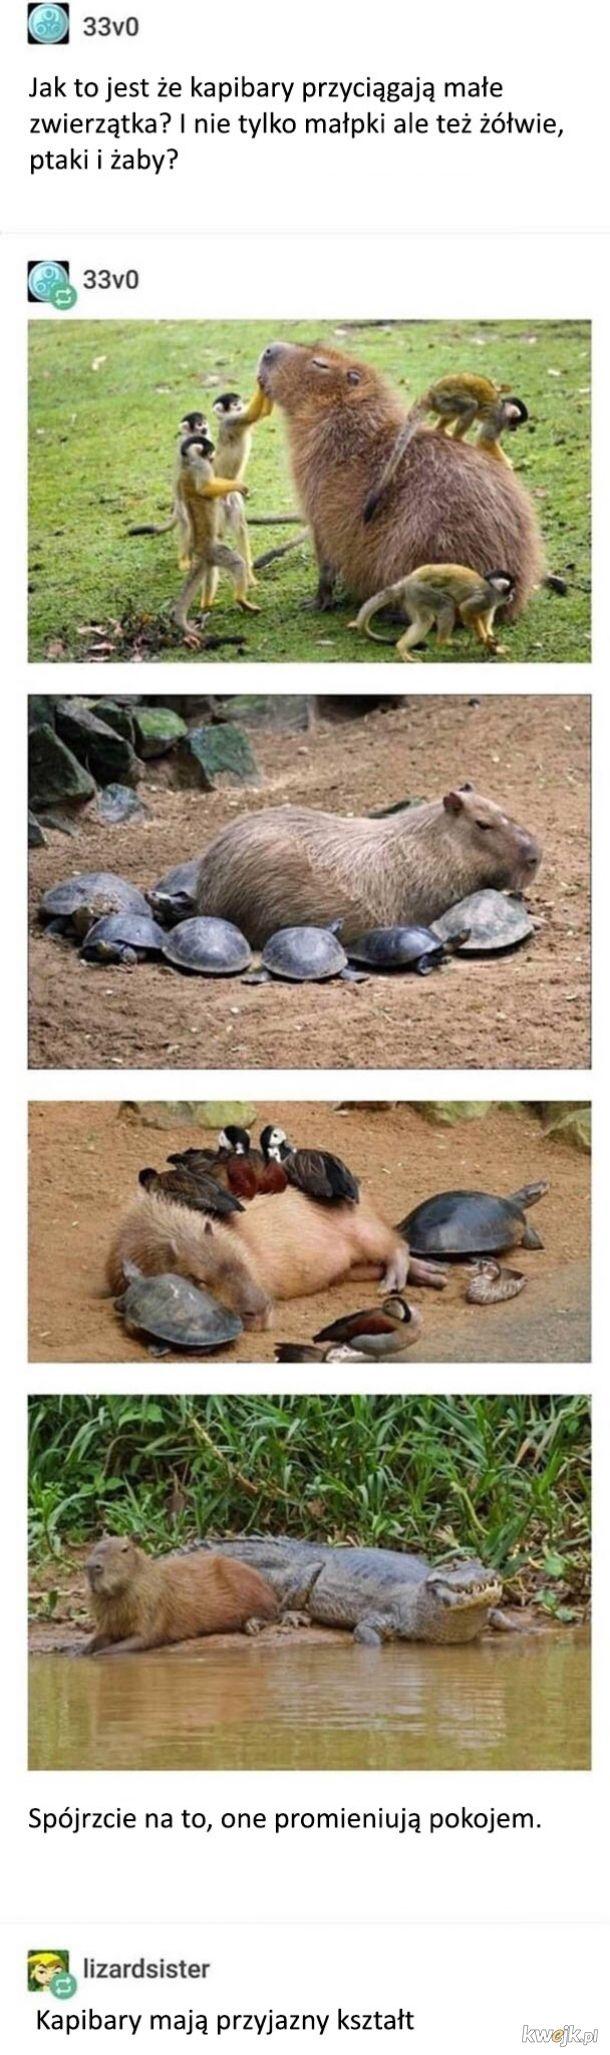 Słodkie kapibary